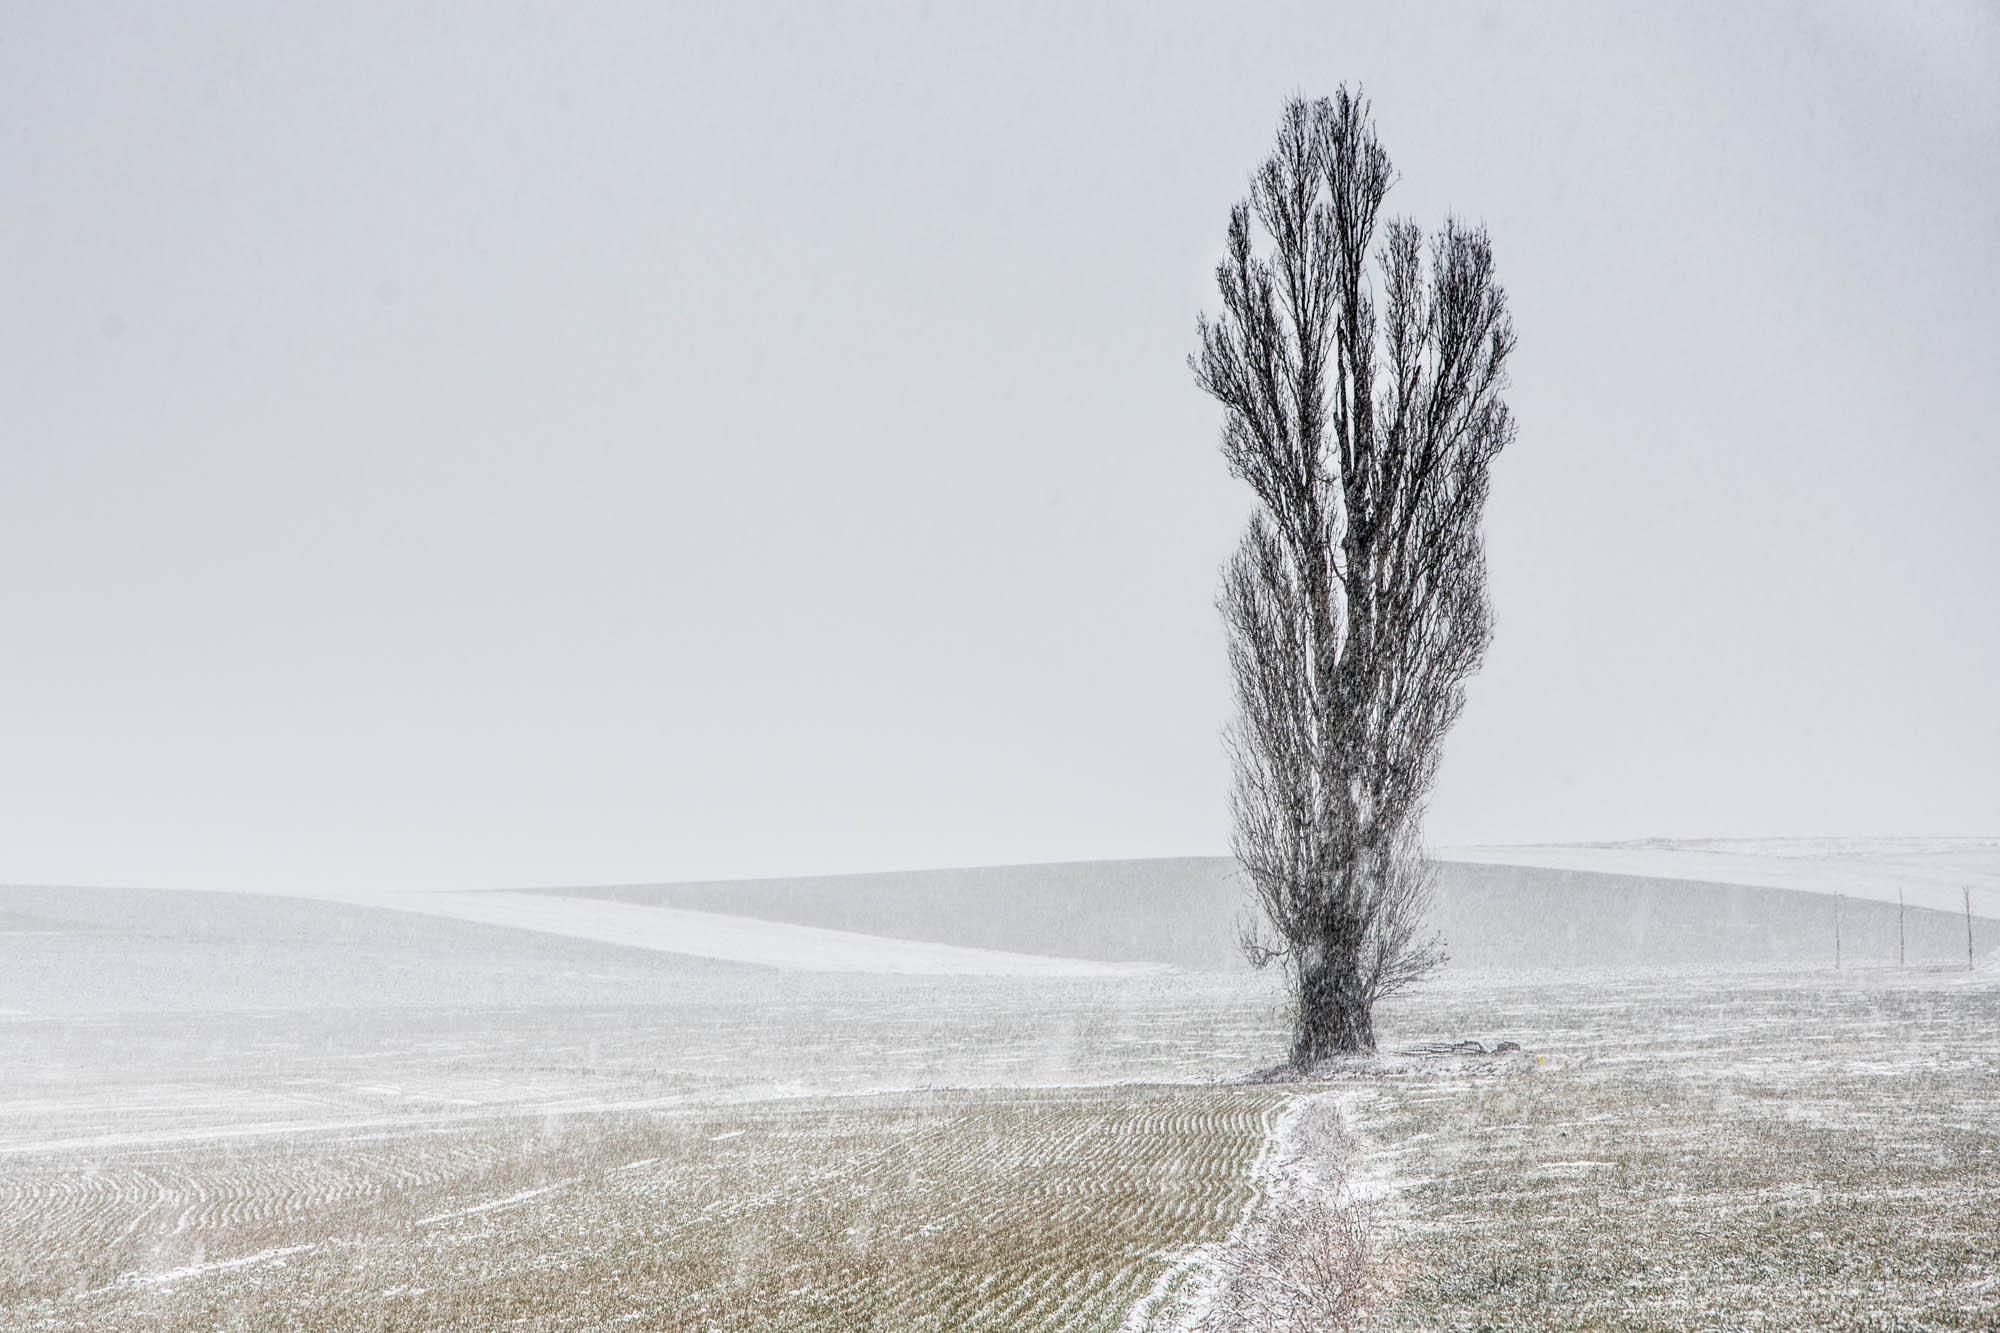 Il neige sur le peuplier